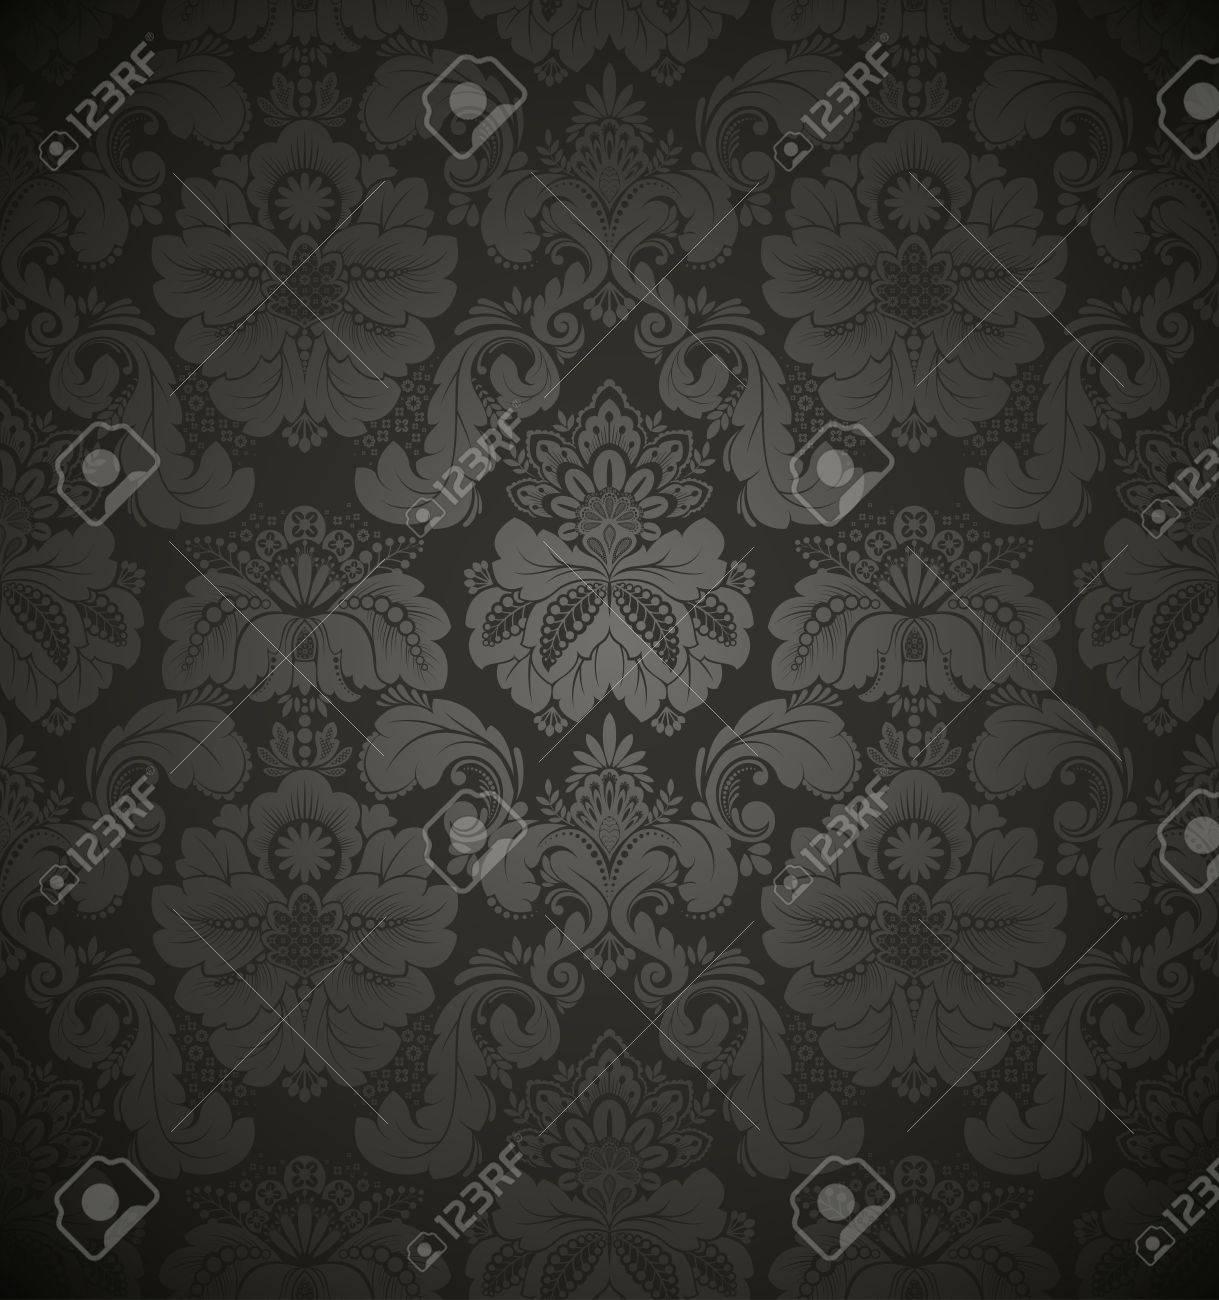 Damask seamless floral pattern. Vintage vector illustration. Stock Vector - 9194611